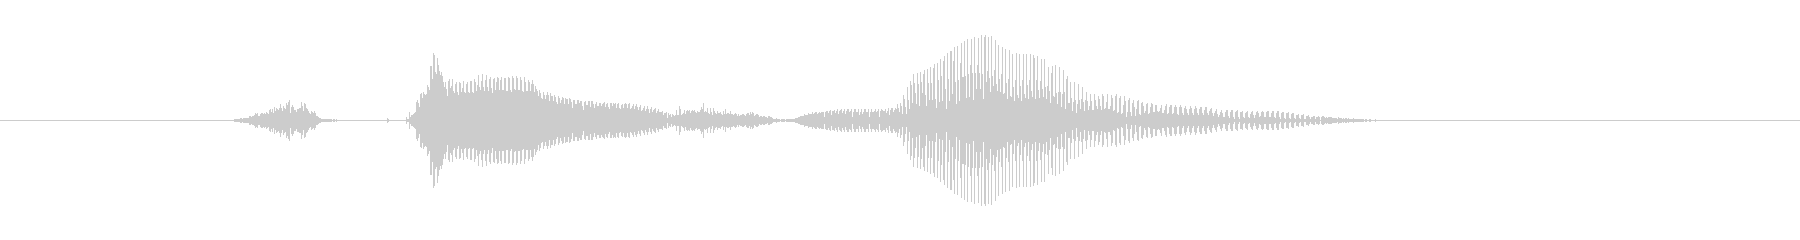 ステージ9(ないん)の未再生の波形